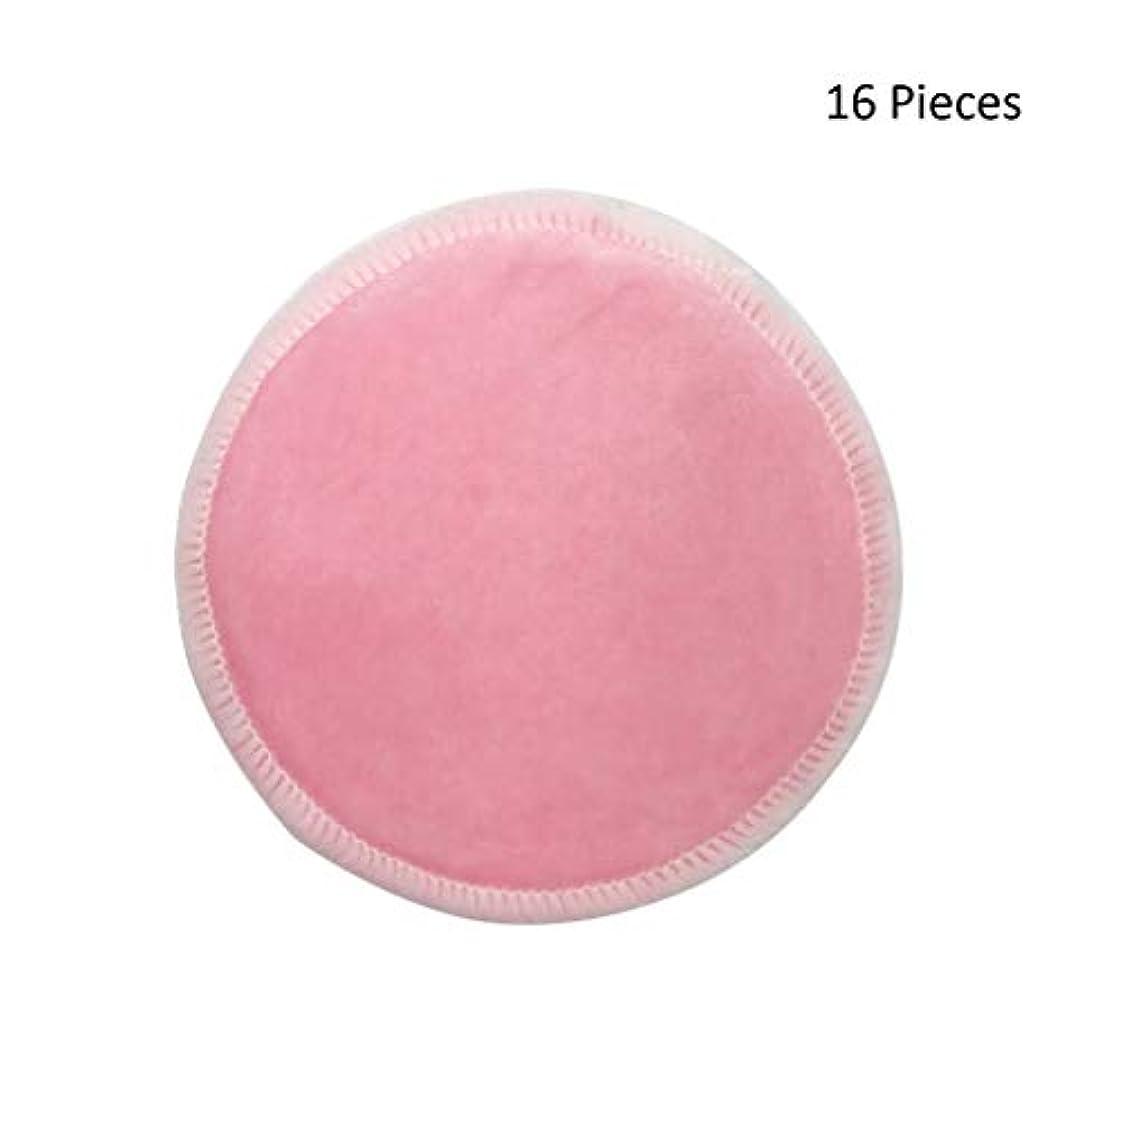 ベテランスクリュー竹フェイスメイク落としラウンドパッド再利用可能なソフトフェイシャルスキンケア布パッド洗えるワイプディープクレンジング化粧品ツール (Color : 16 Pieces, サイズ : 8*8cm)